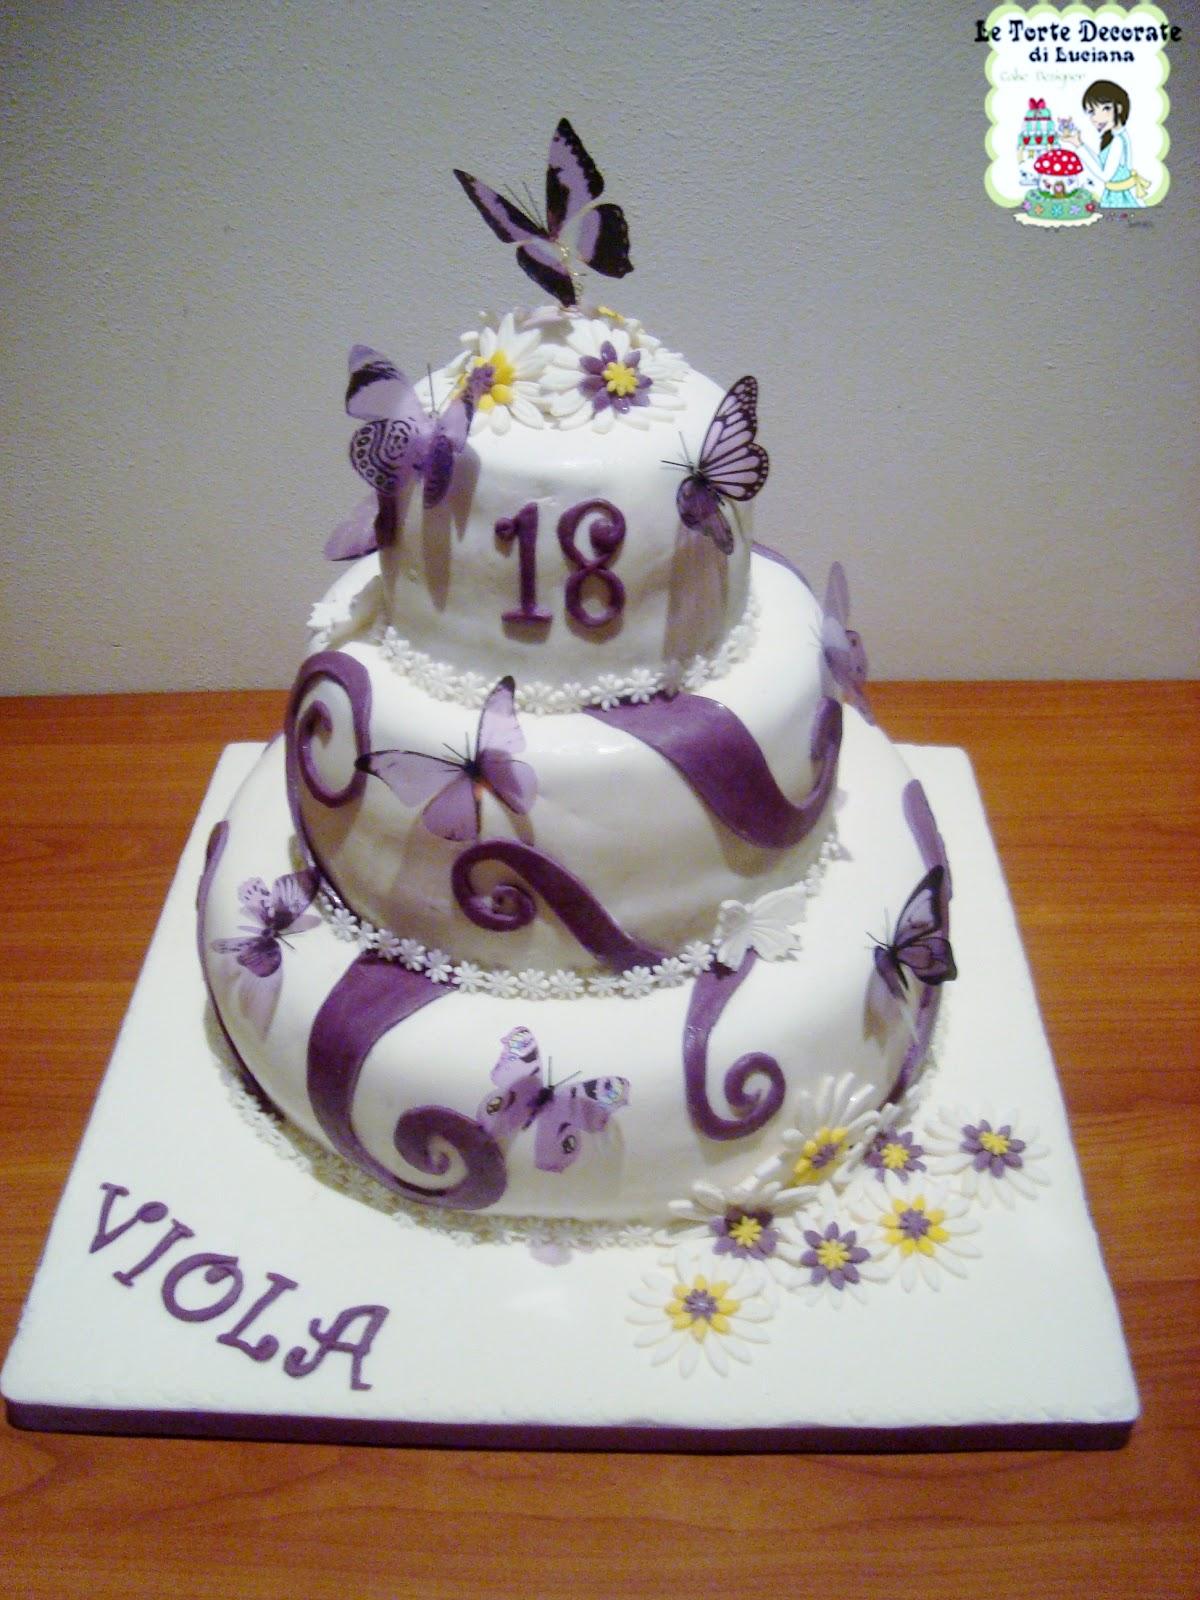 Le torte decorate torta 18 anni farfalle viola for Torte per 18 anni maschile